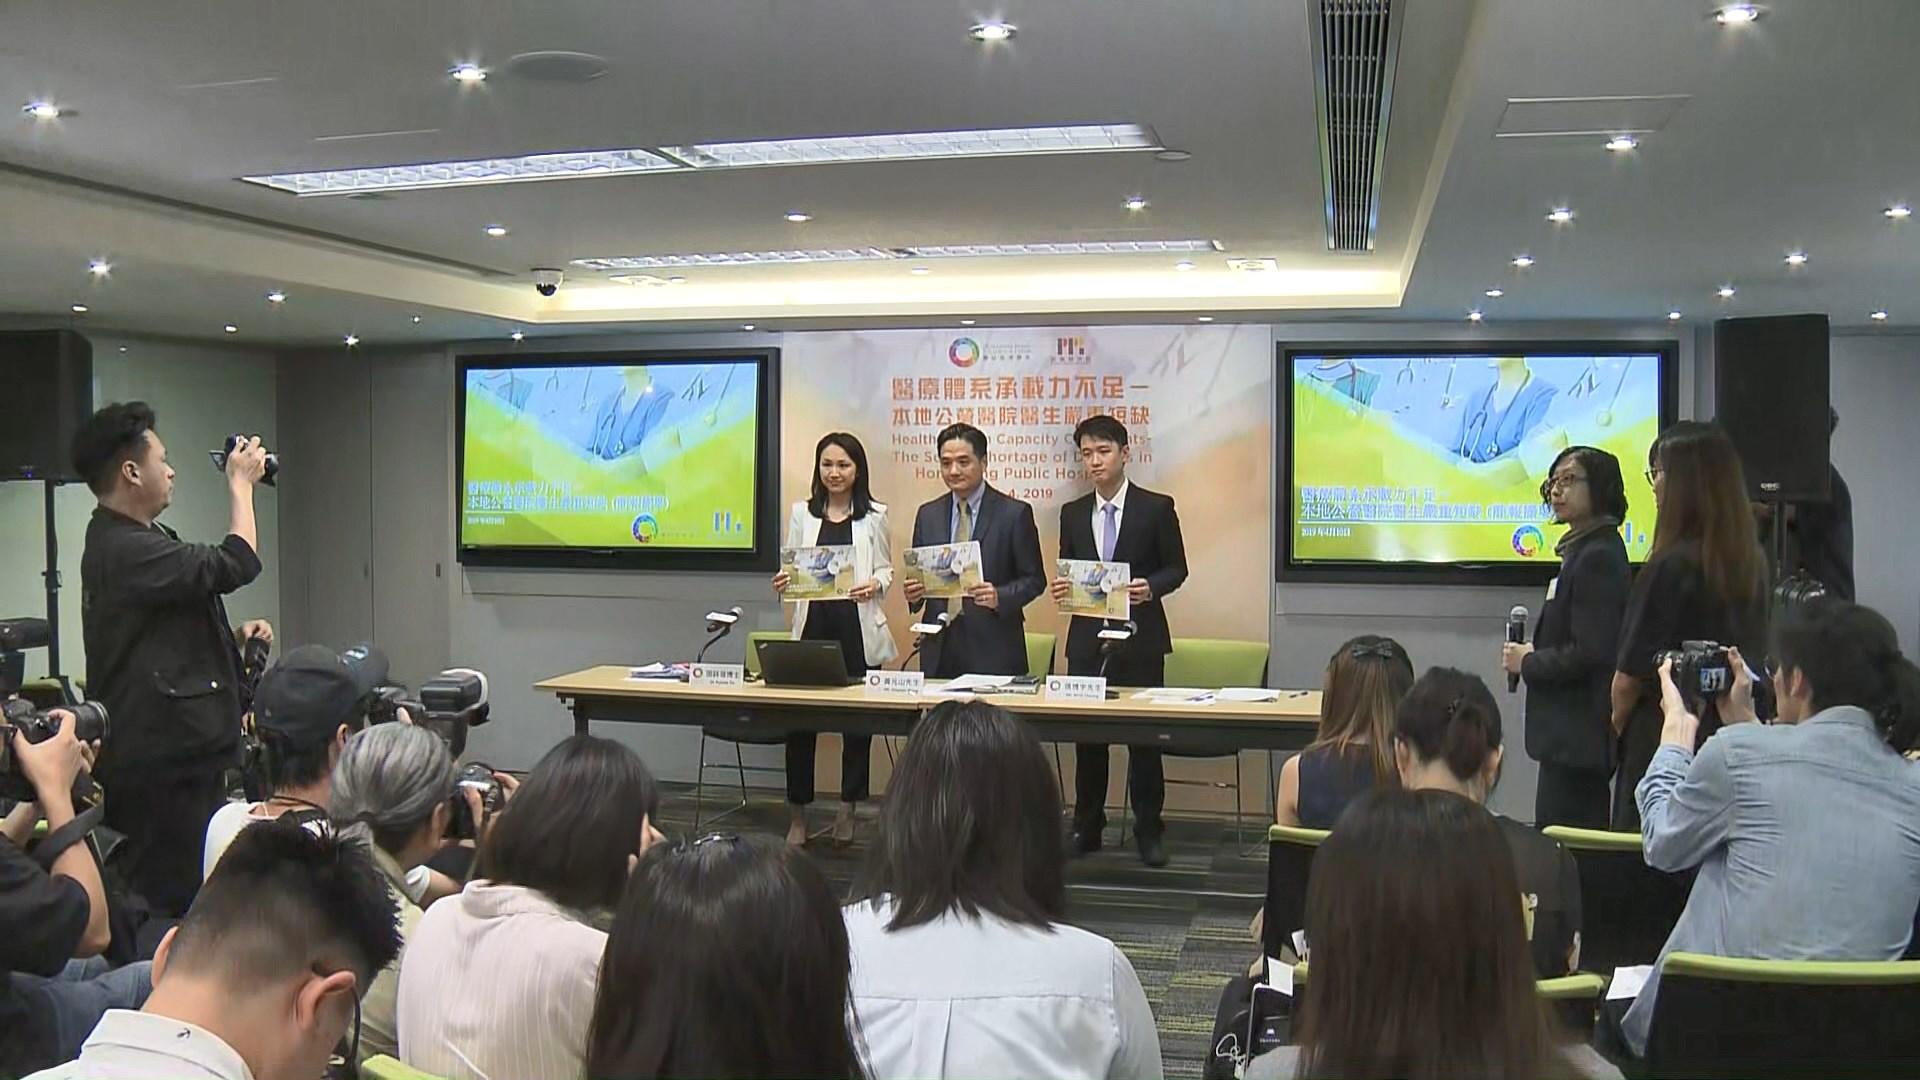 團結香港基金建議放寬海外醫生執業資格